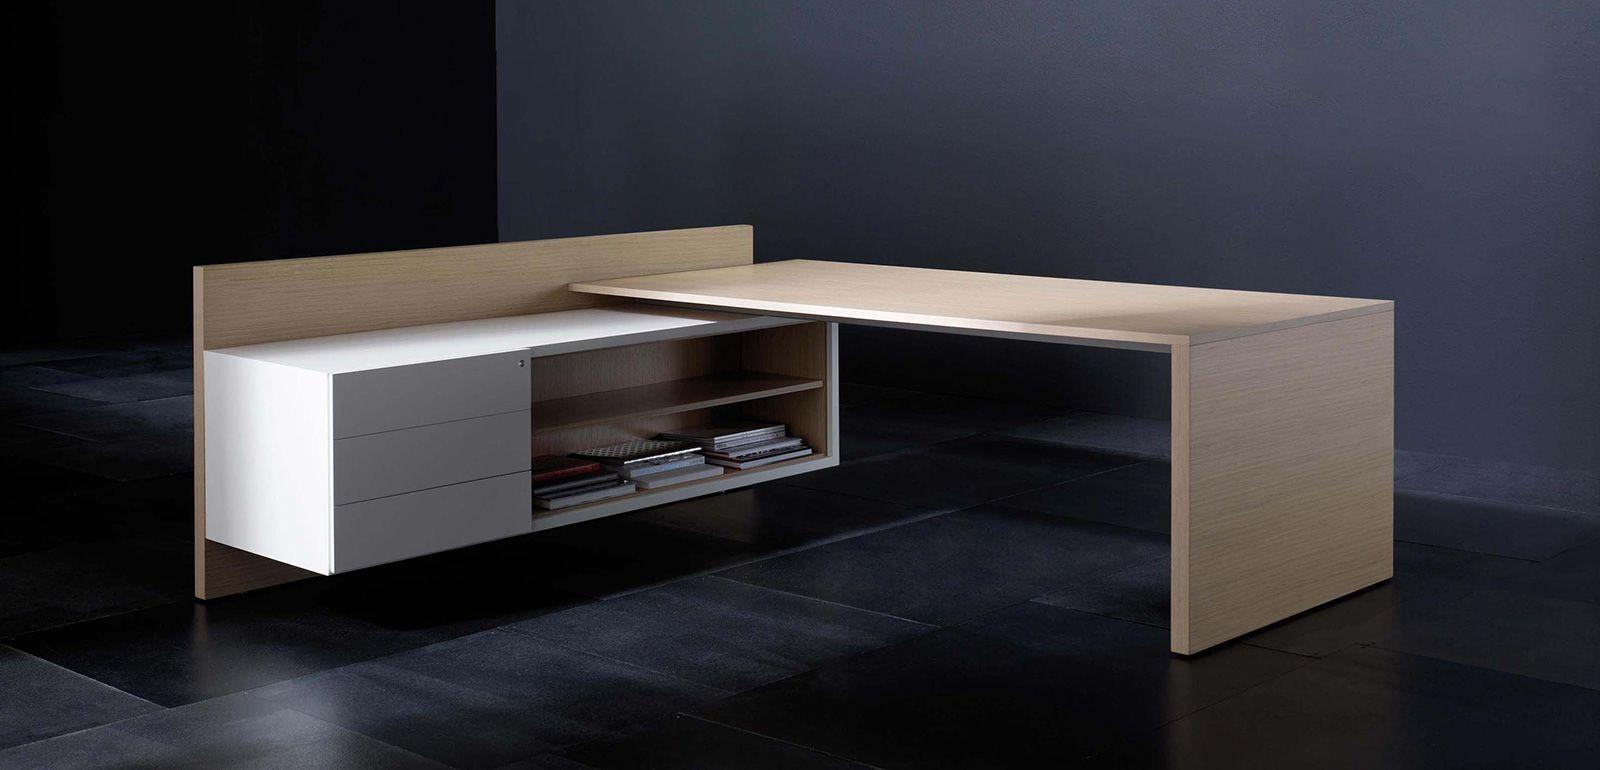 Mobilier De Bureau Design Pour Professionnel Paris Lyon France Si Mobilier Bureau Bureau Design Bureau Architecture